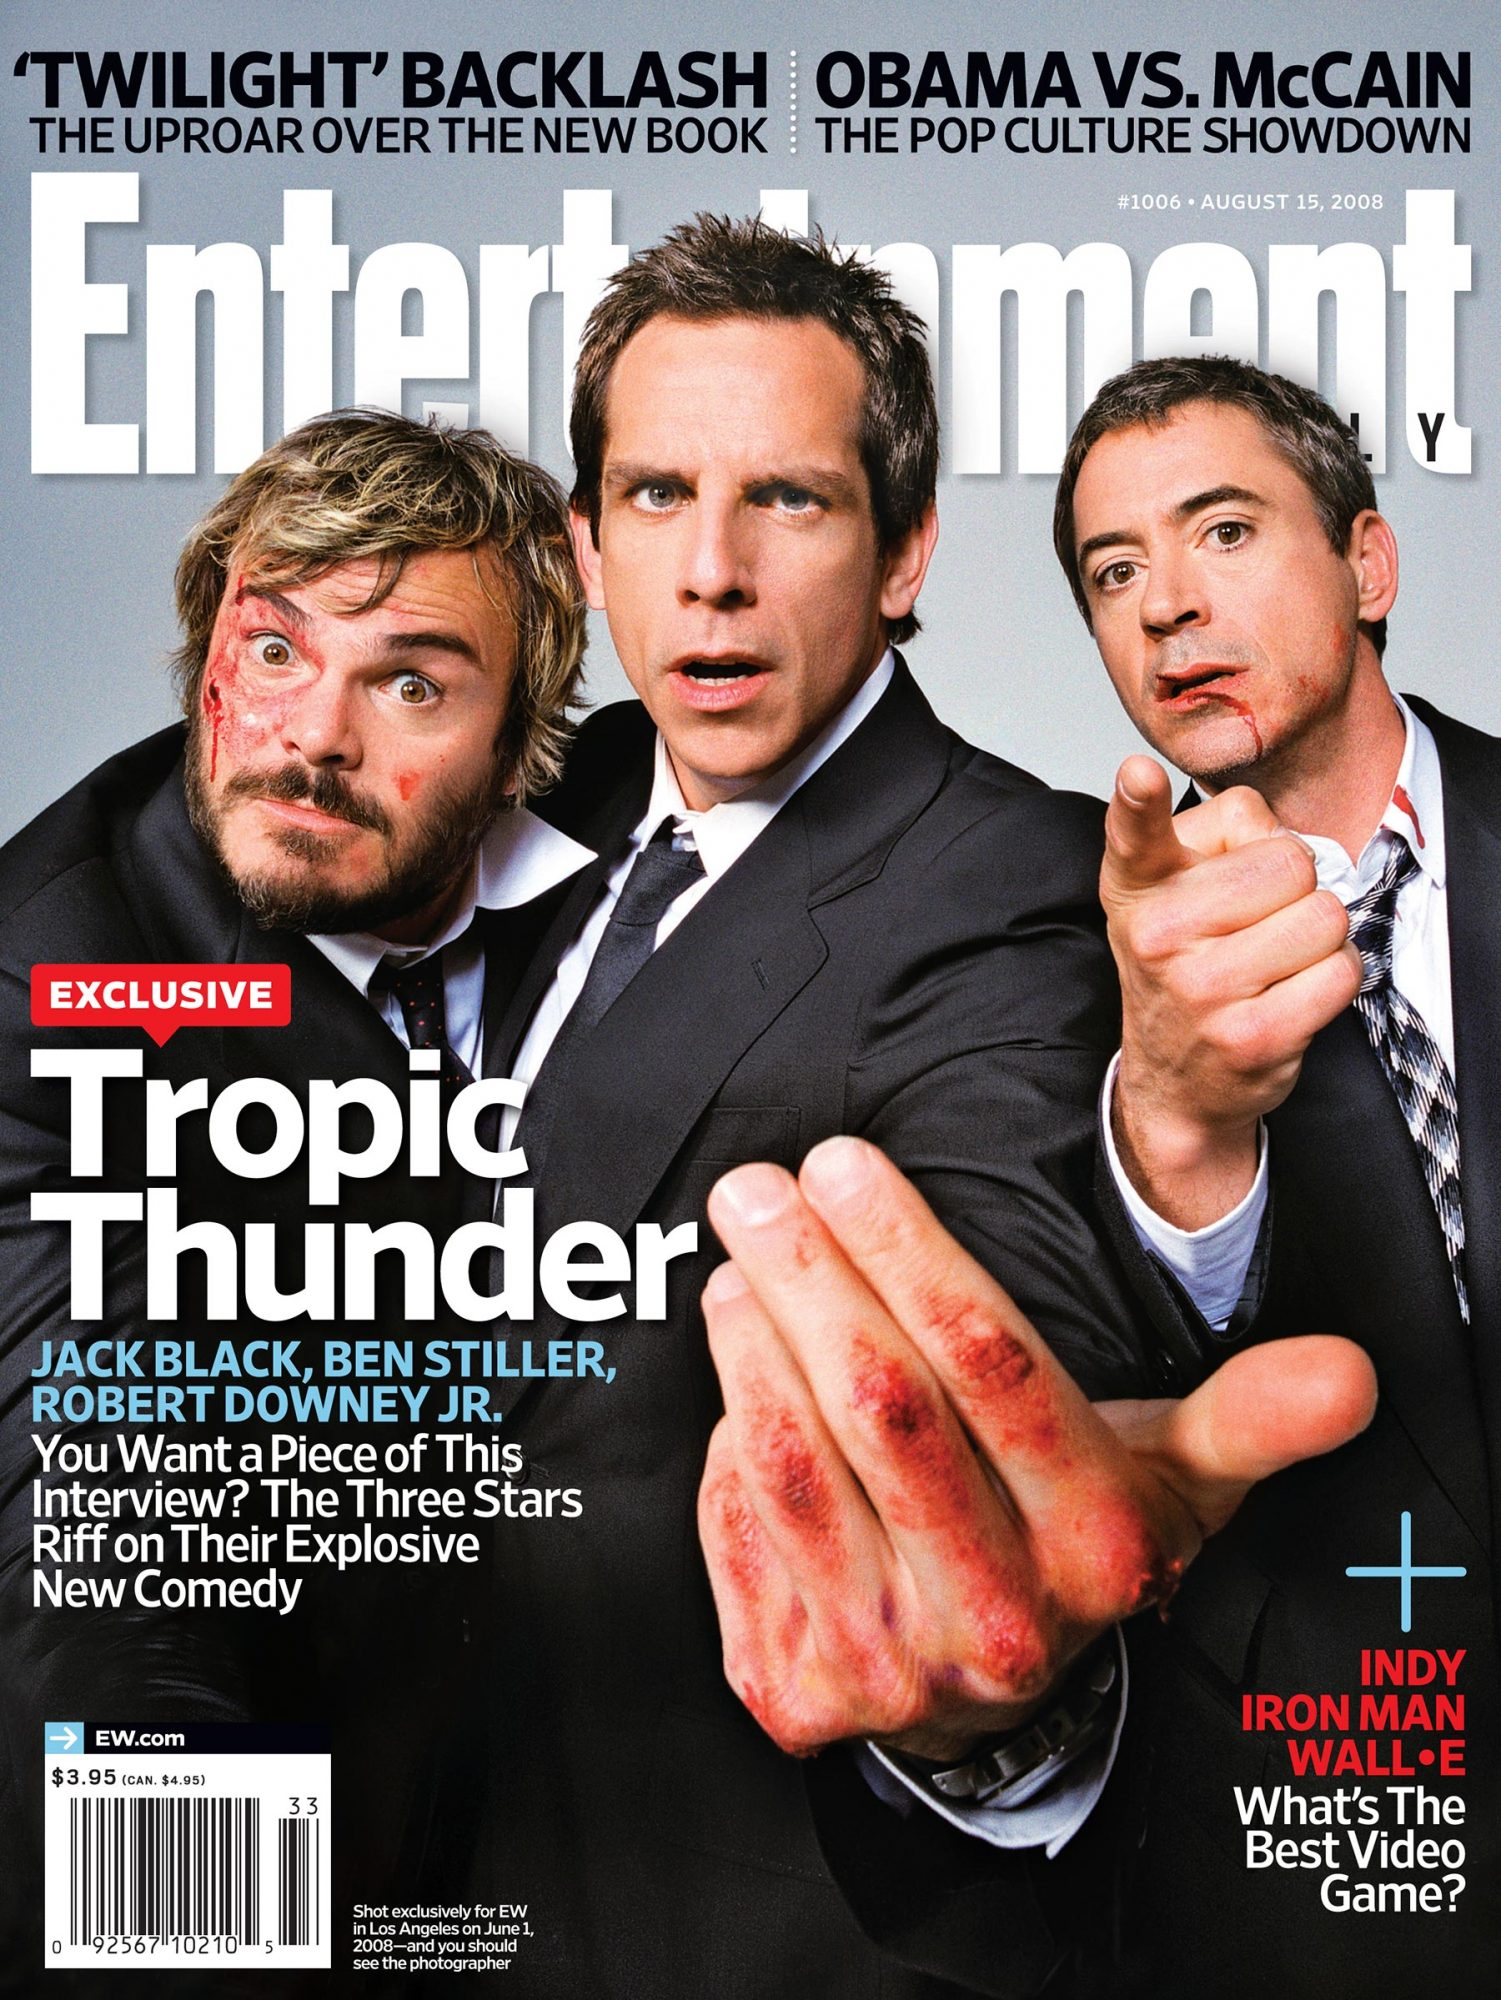 Tropic Thunder 2008 Ew Cover Story Ew Com